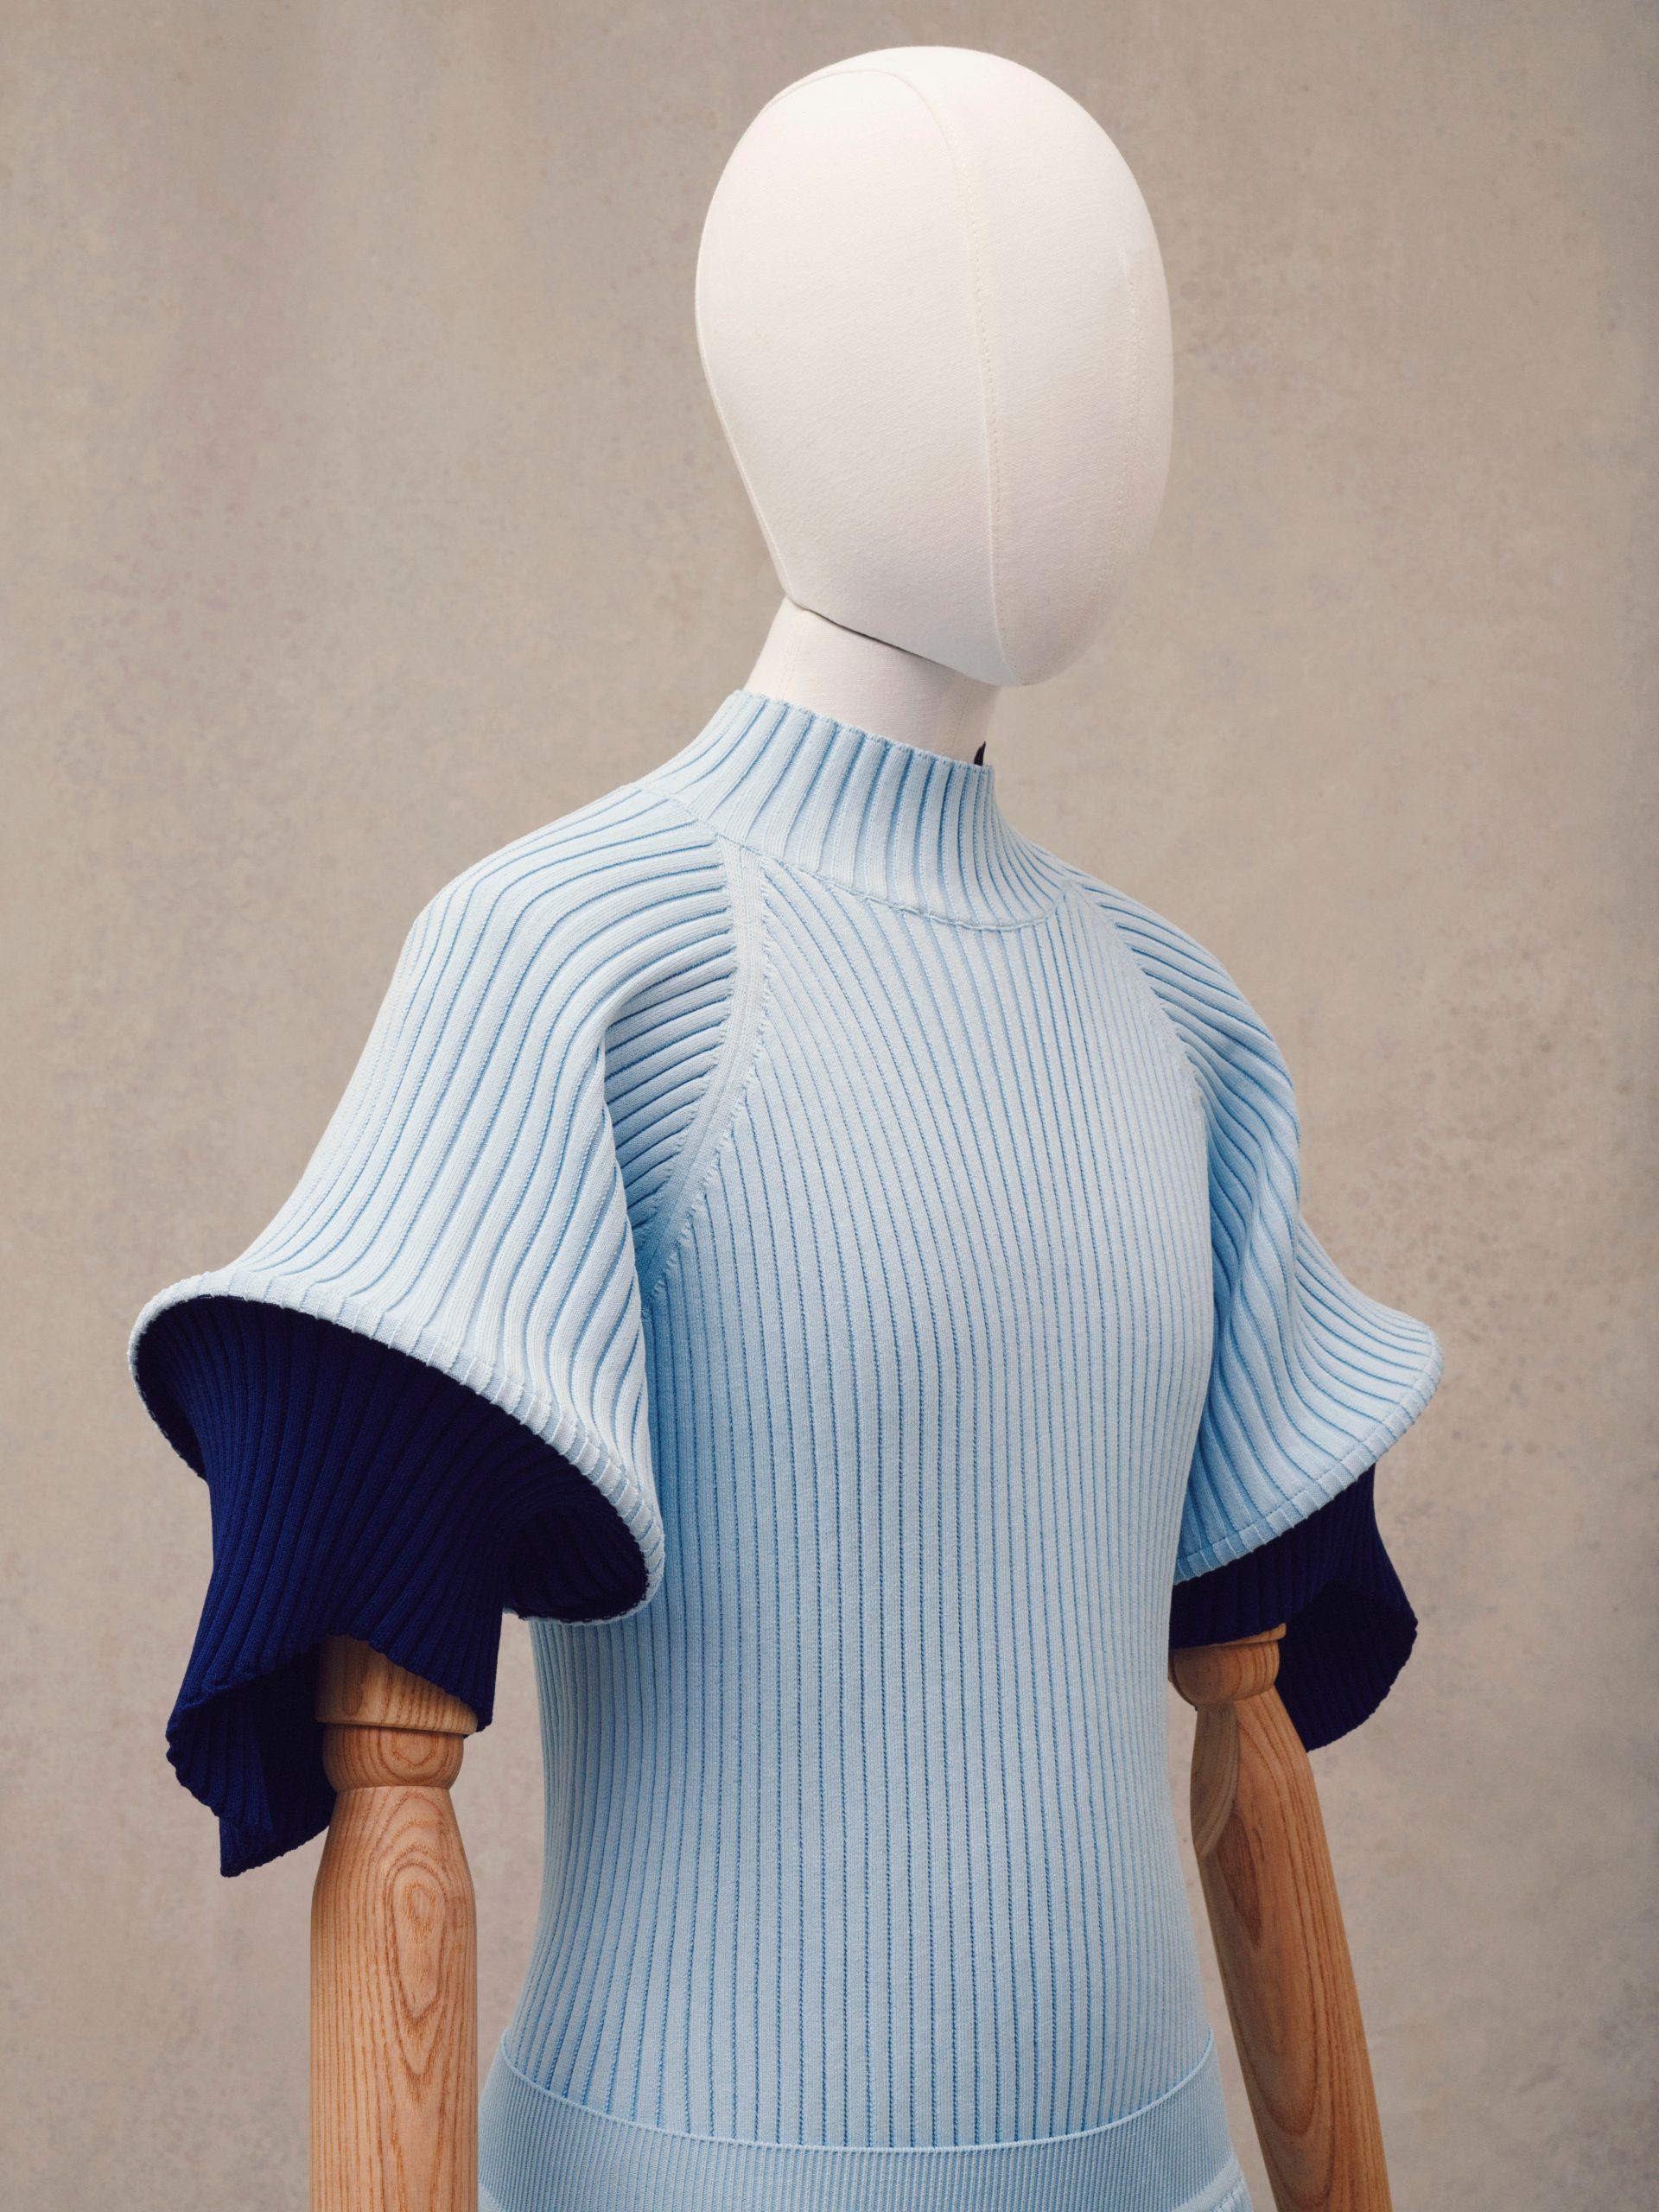 Loewe Spring 2021 Men's Fashion Show Photos